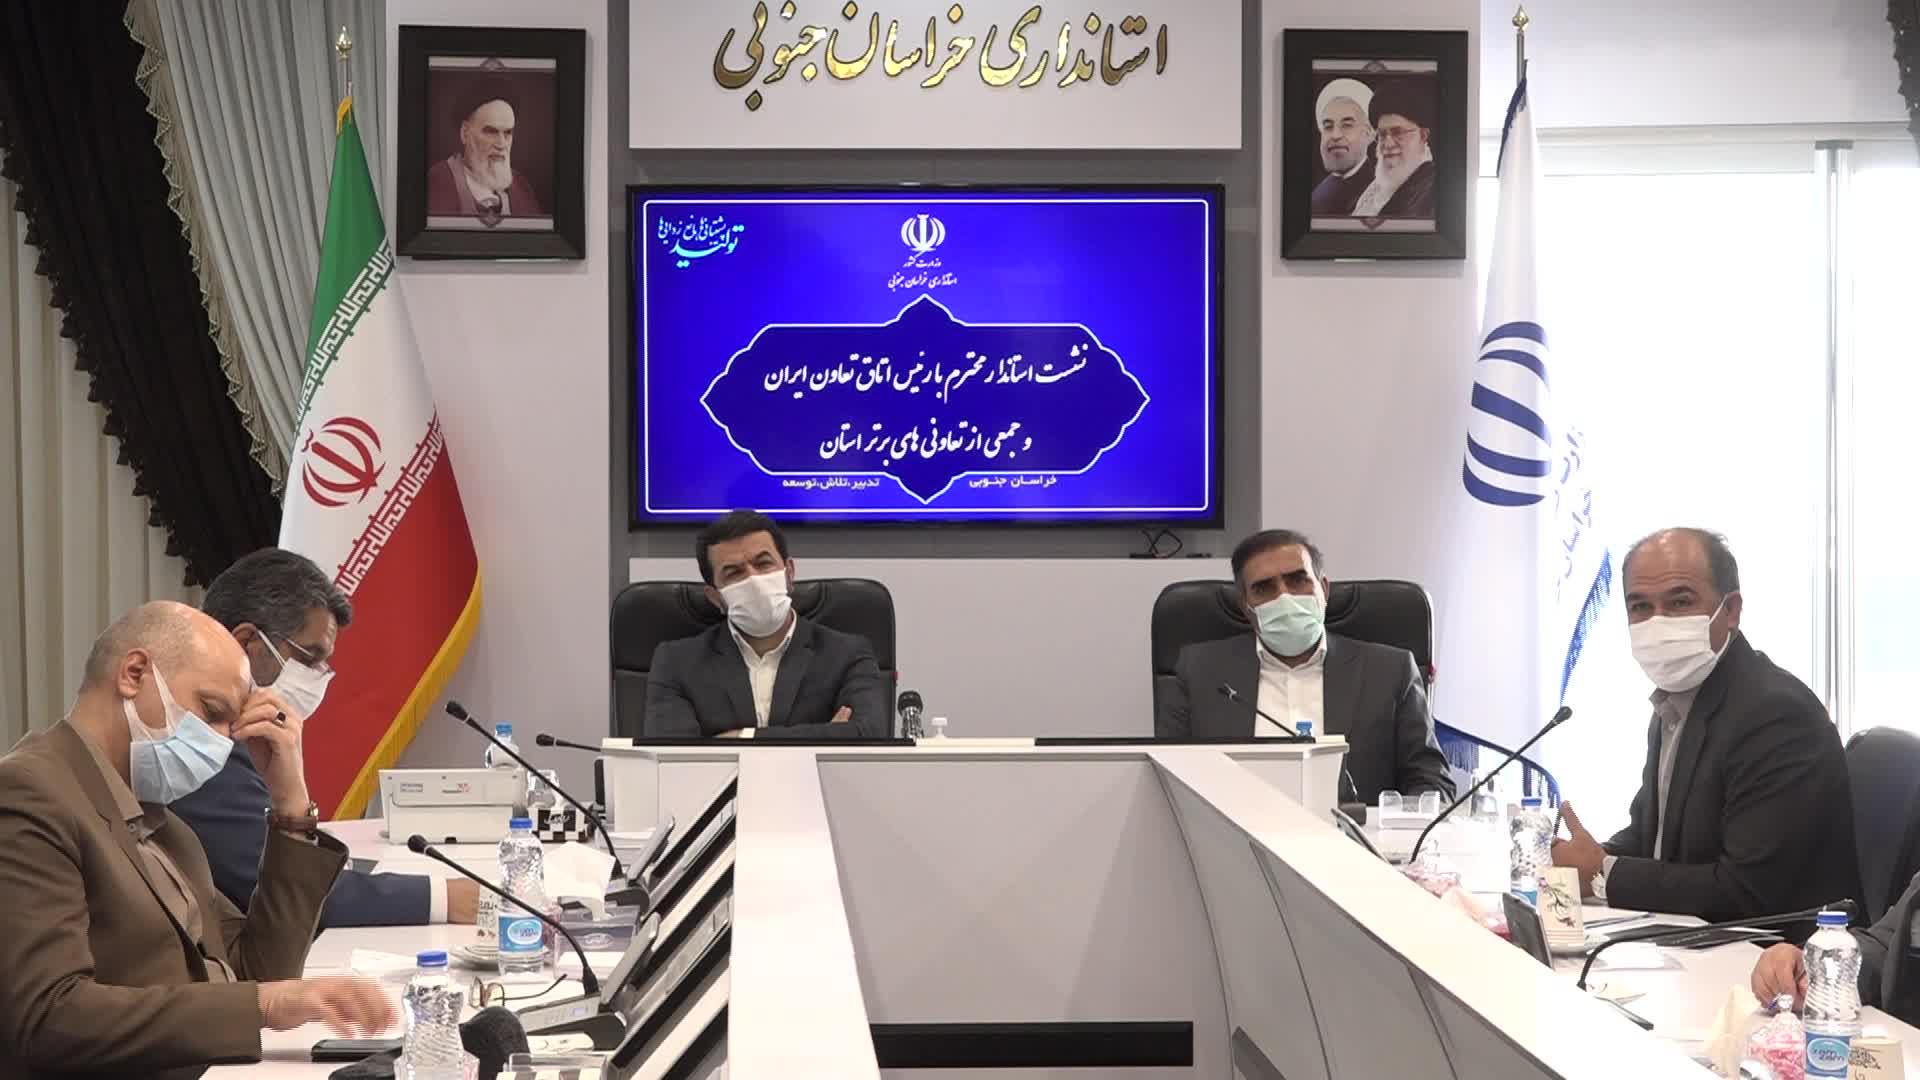 تشکیل تعاونی برای مدیریت این محصولات راهبردی خراسان جنوبی